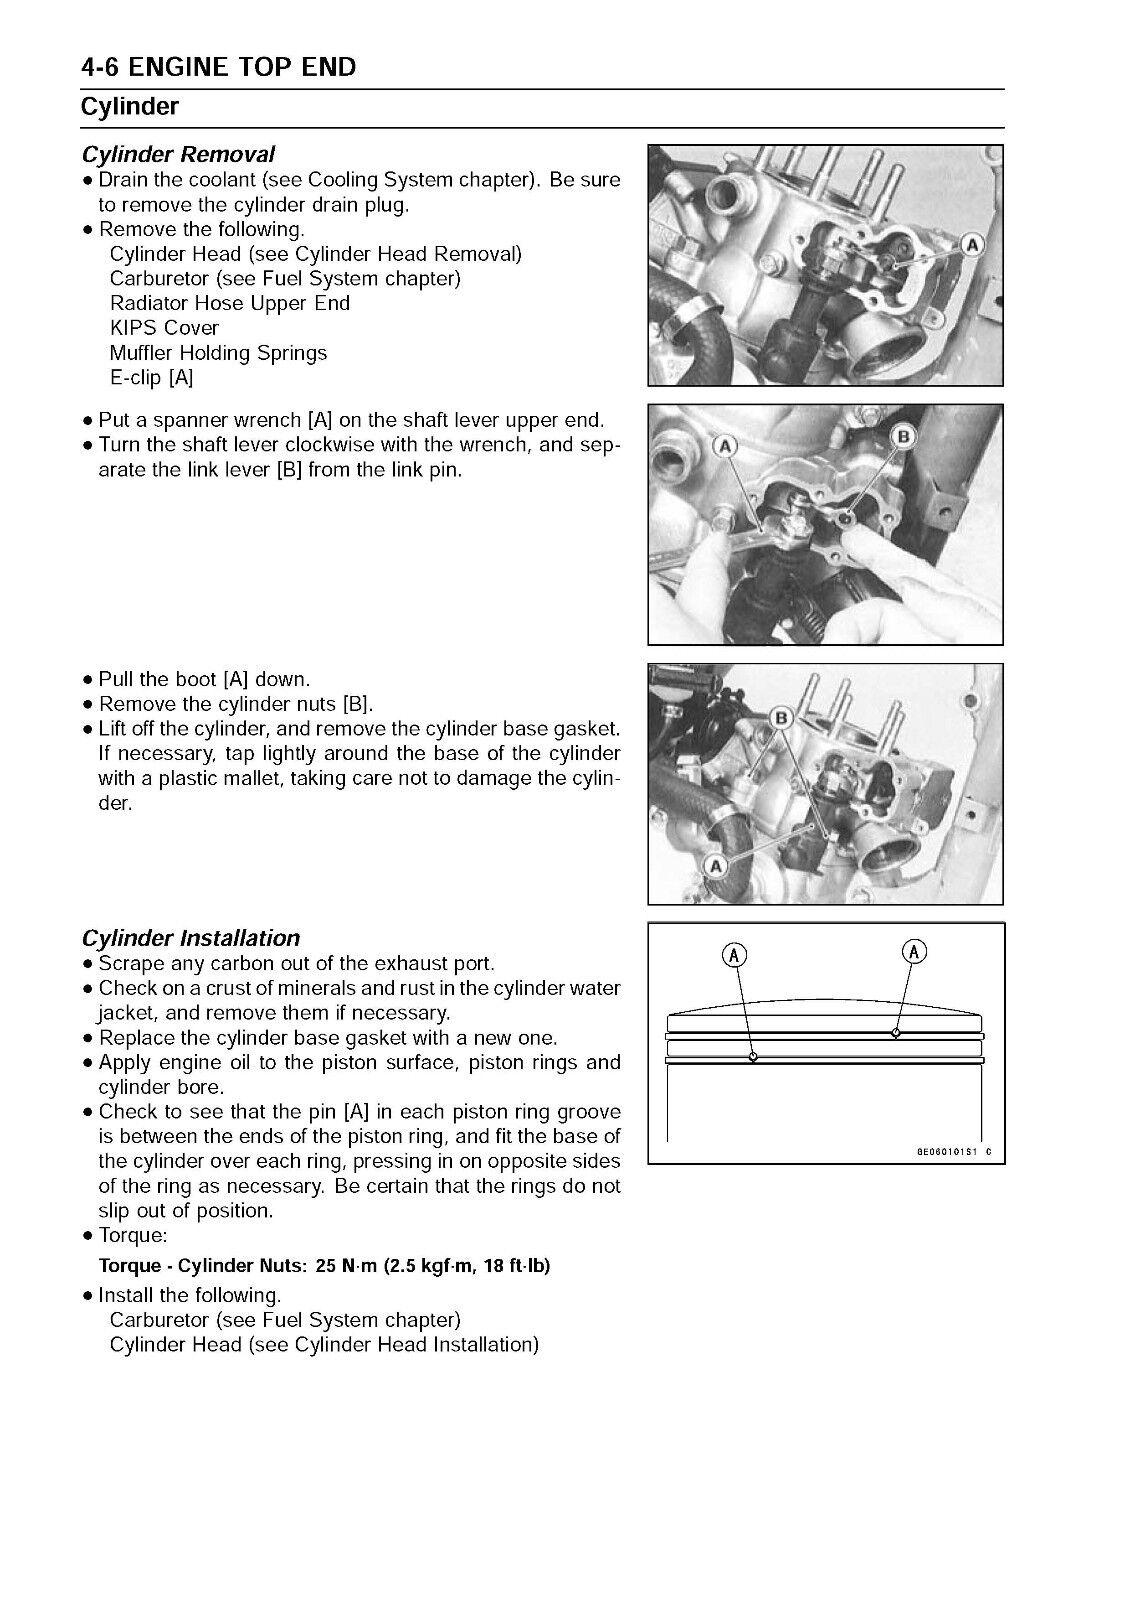 4 of 12 Kawasaki service manual 2007, 2008, 2009 KX85, KX85-II & KX100 5 of  12 Kawasaki service manual ...